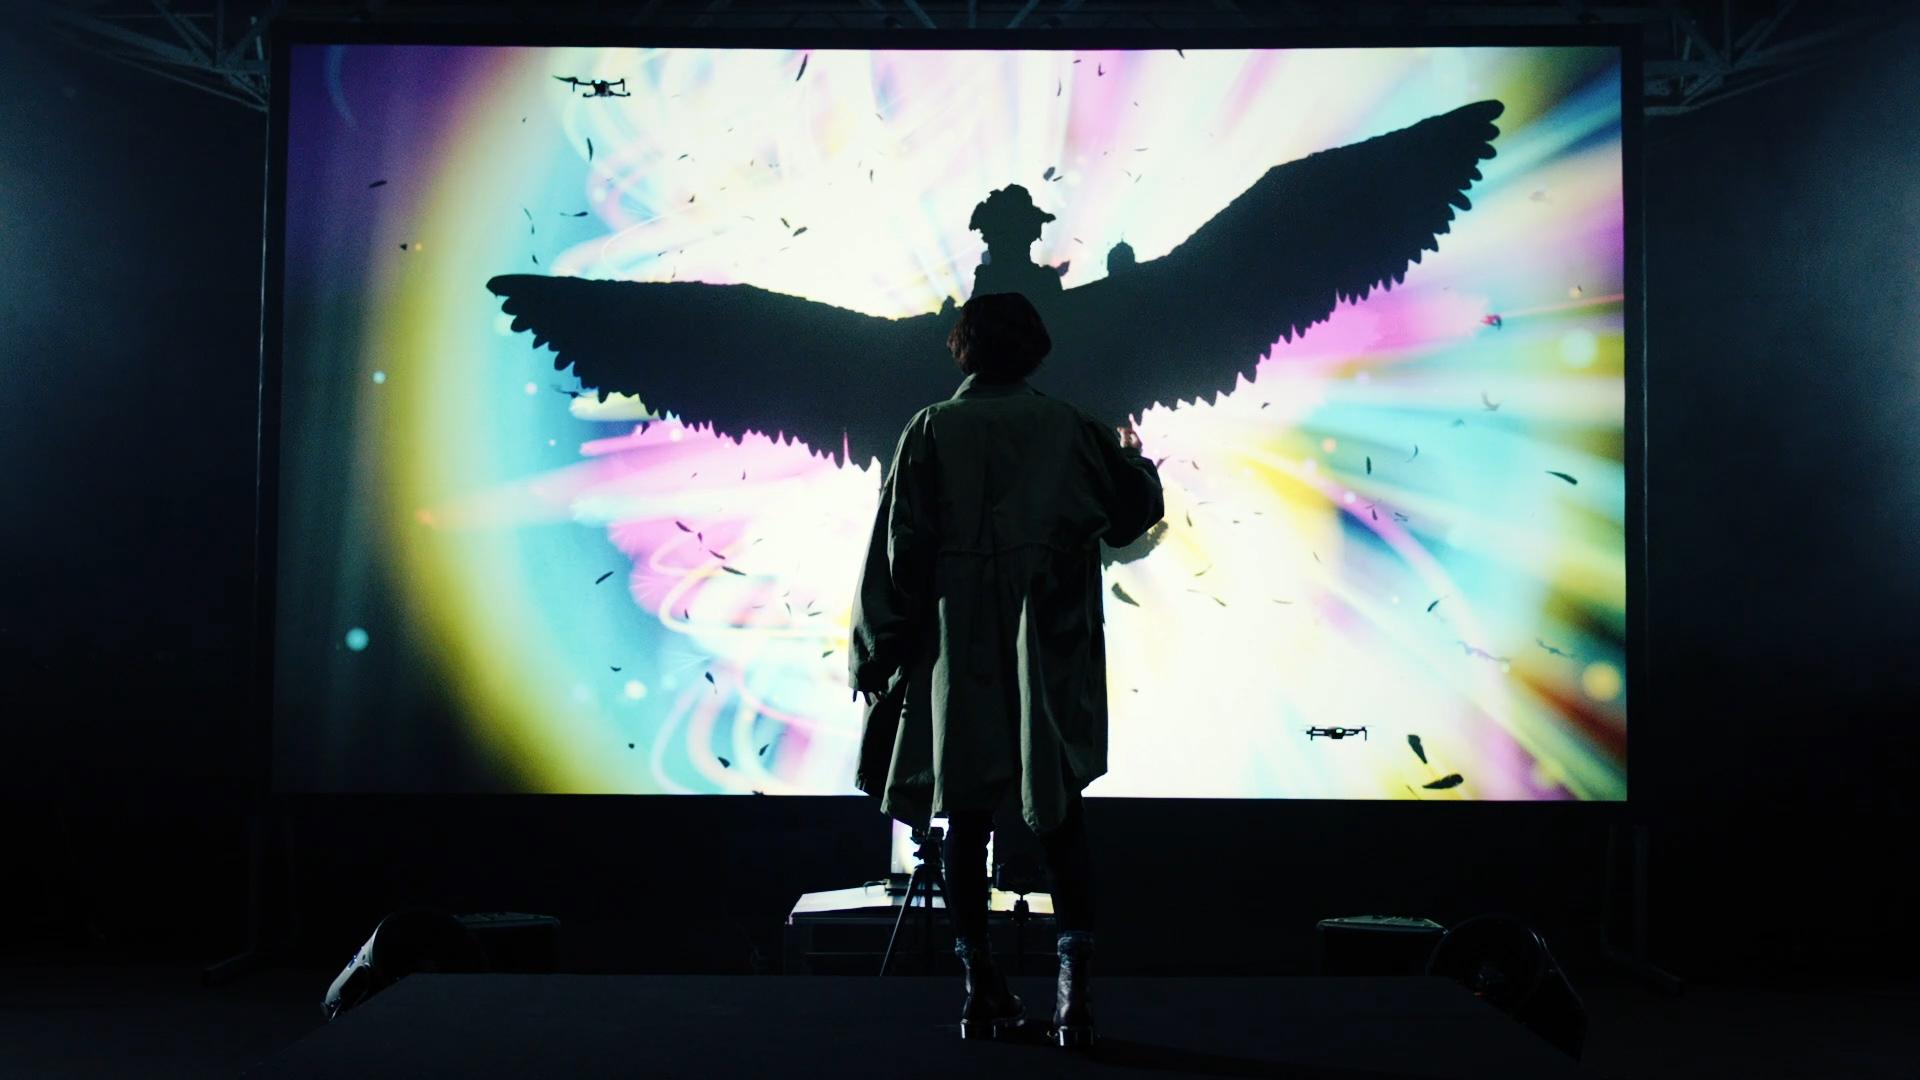 平手友梨奈(ひらて ゆりな)が、デジタルハリウッド大学新CM